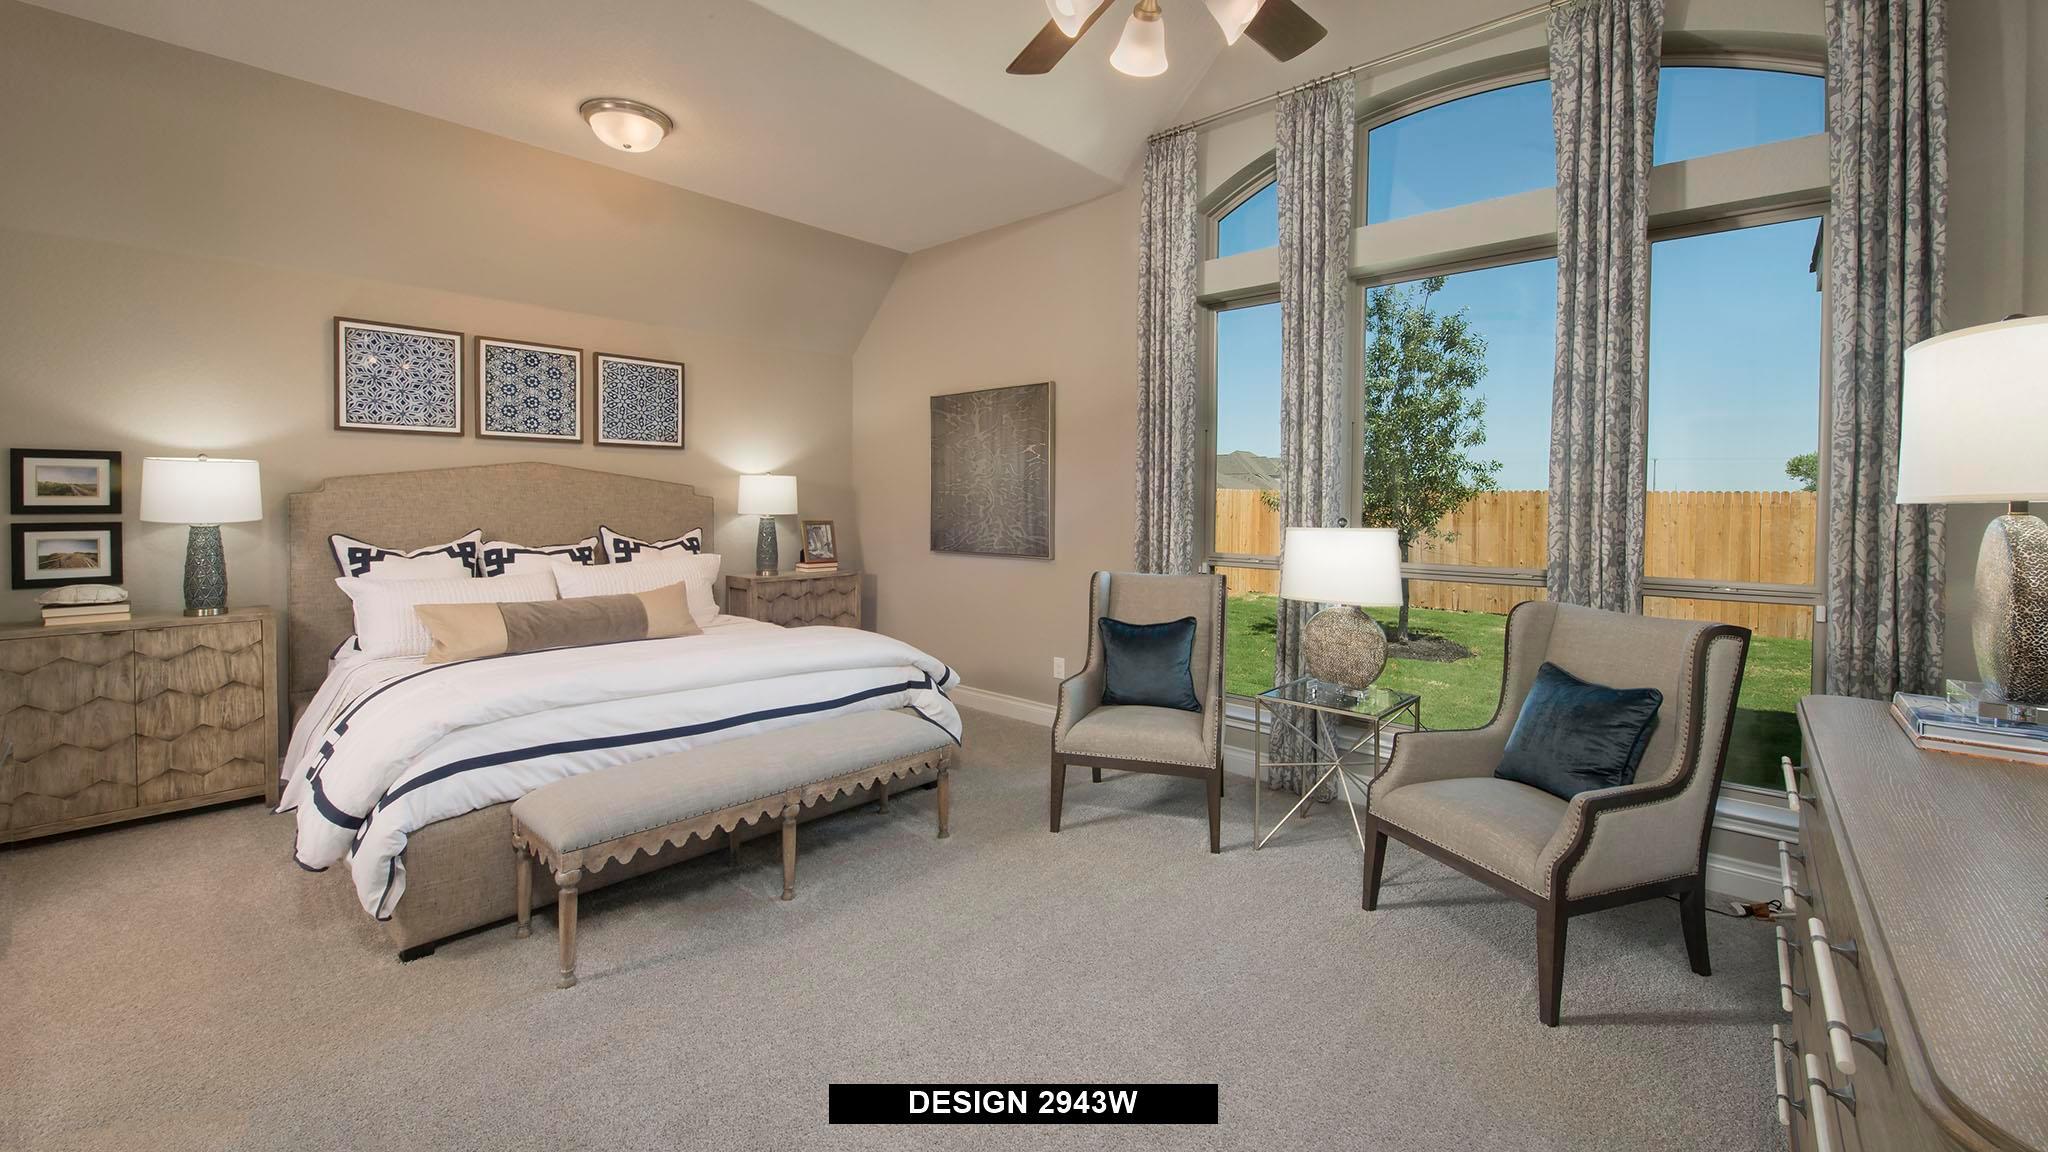 Bedroom-in-2943W-at-Glen Crossing 60'-in-Celina